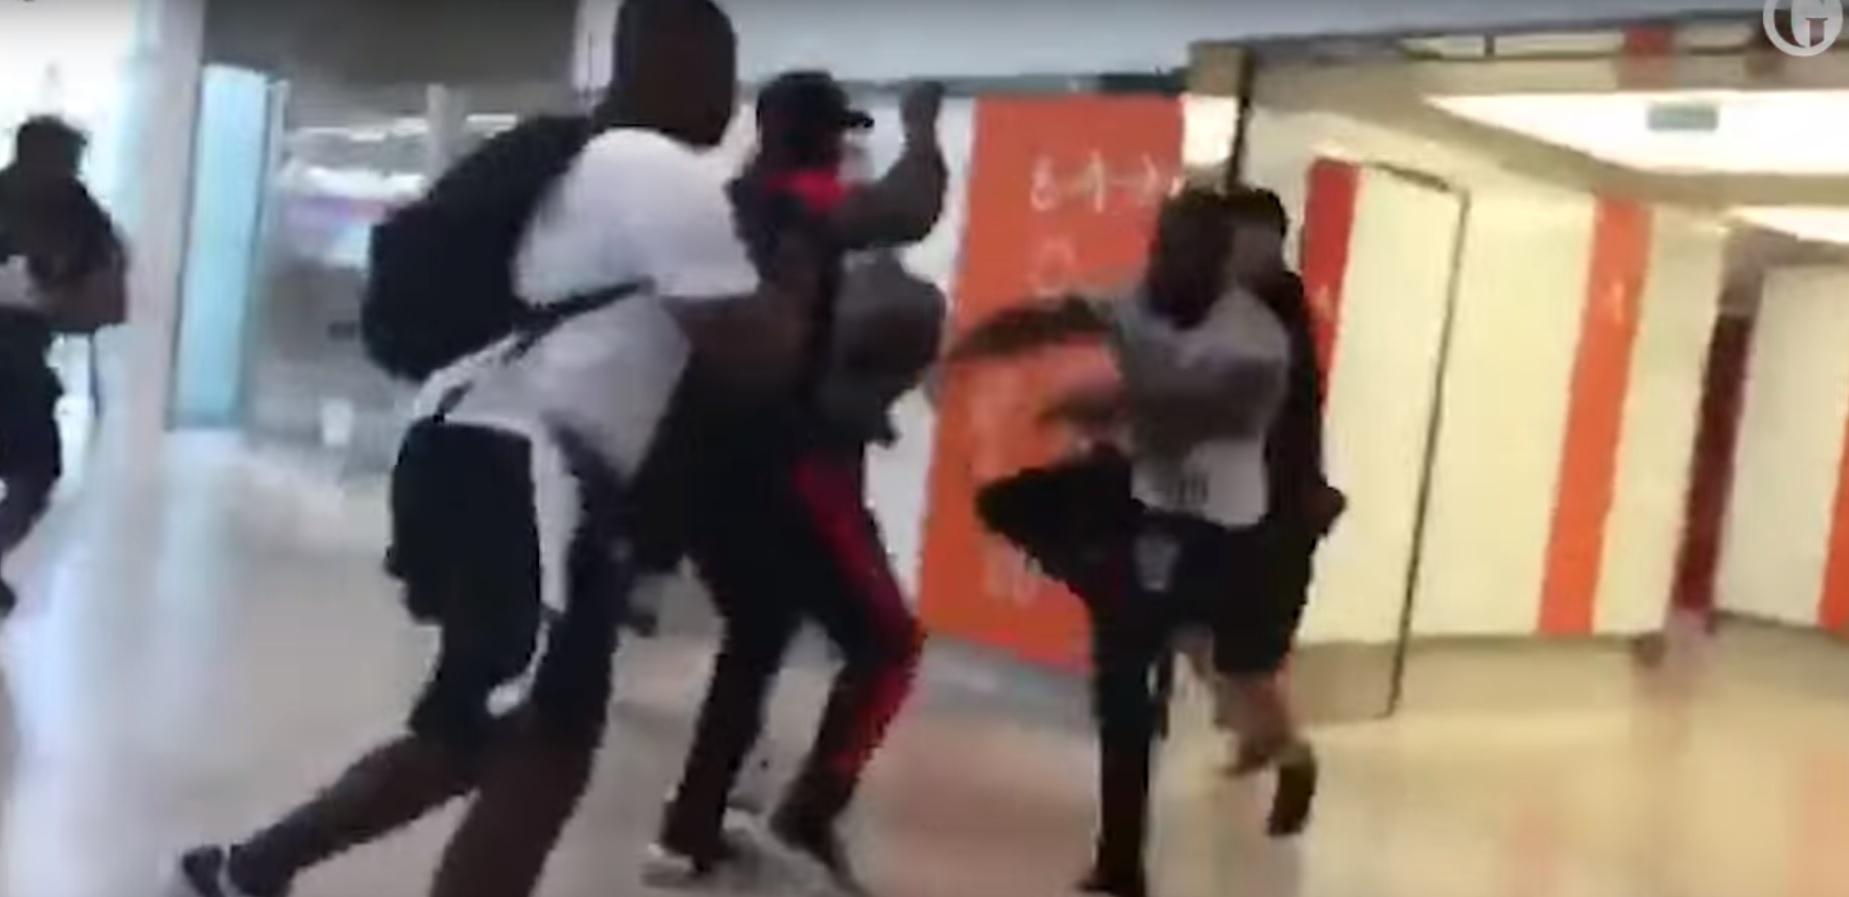 Összeverekedett két rapper a párizsi reptéren, leállt a légi közlekedés